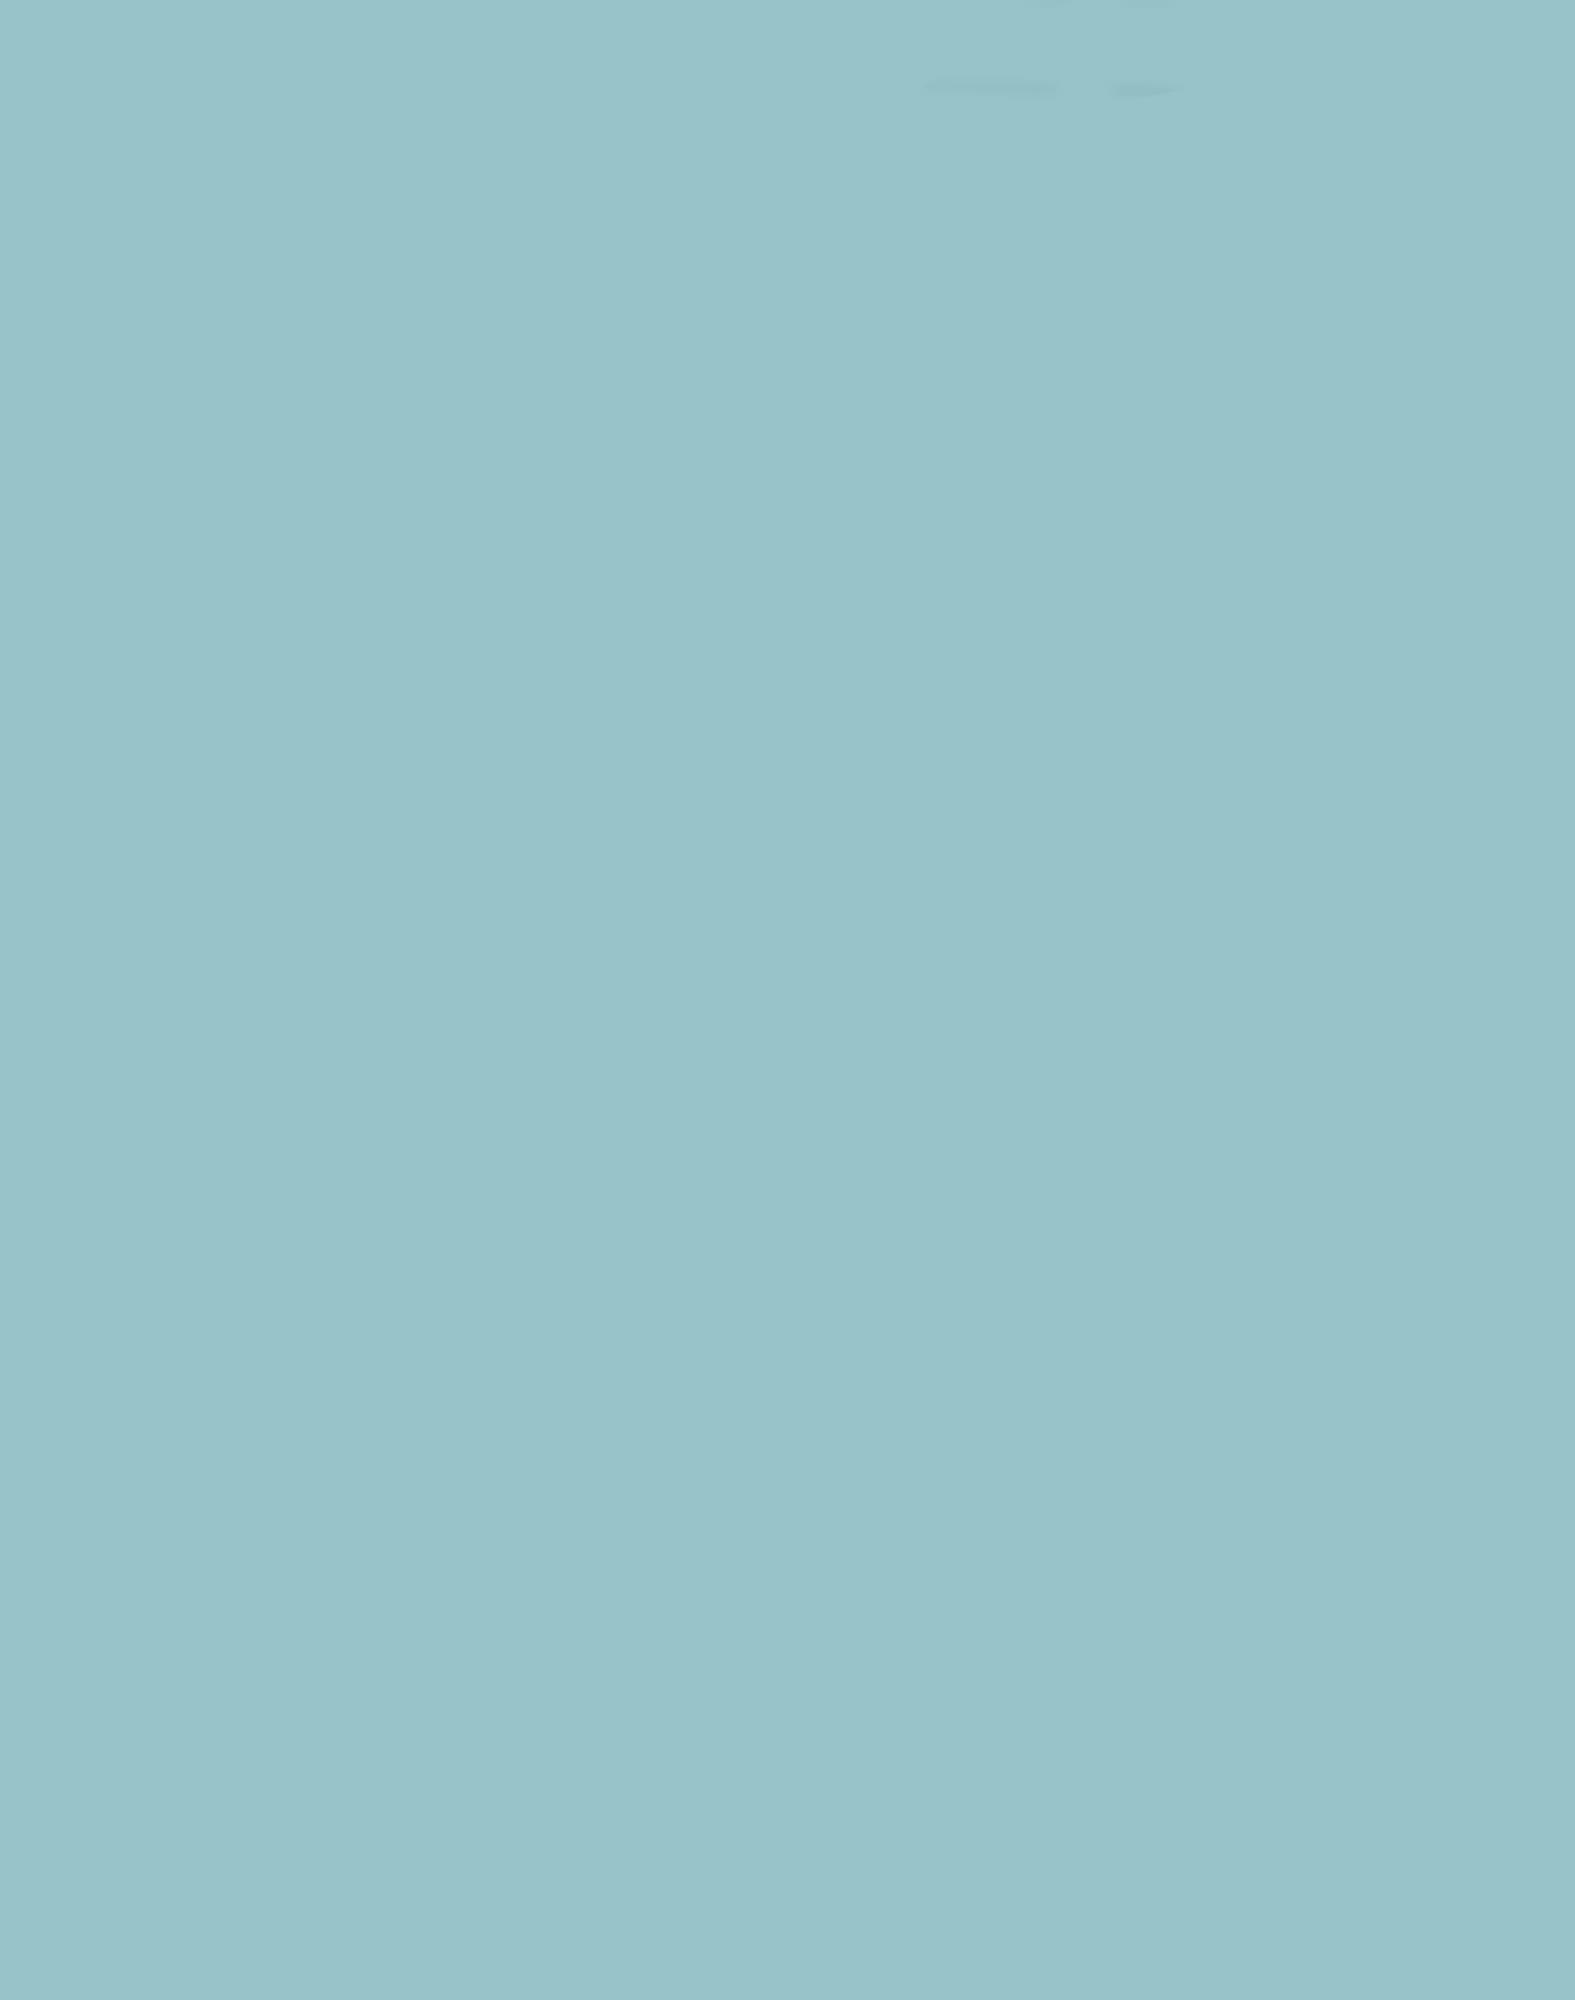 Blue Shore 151,196,201